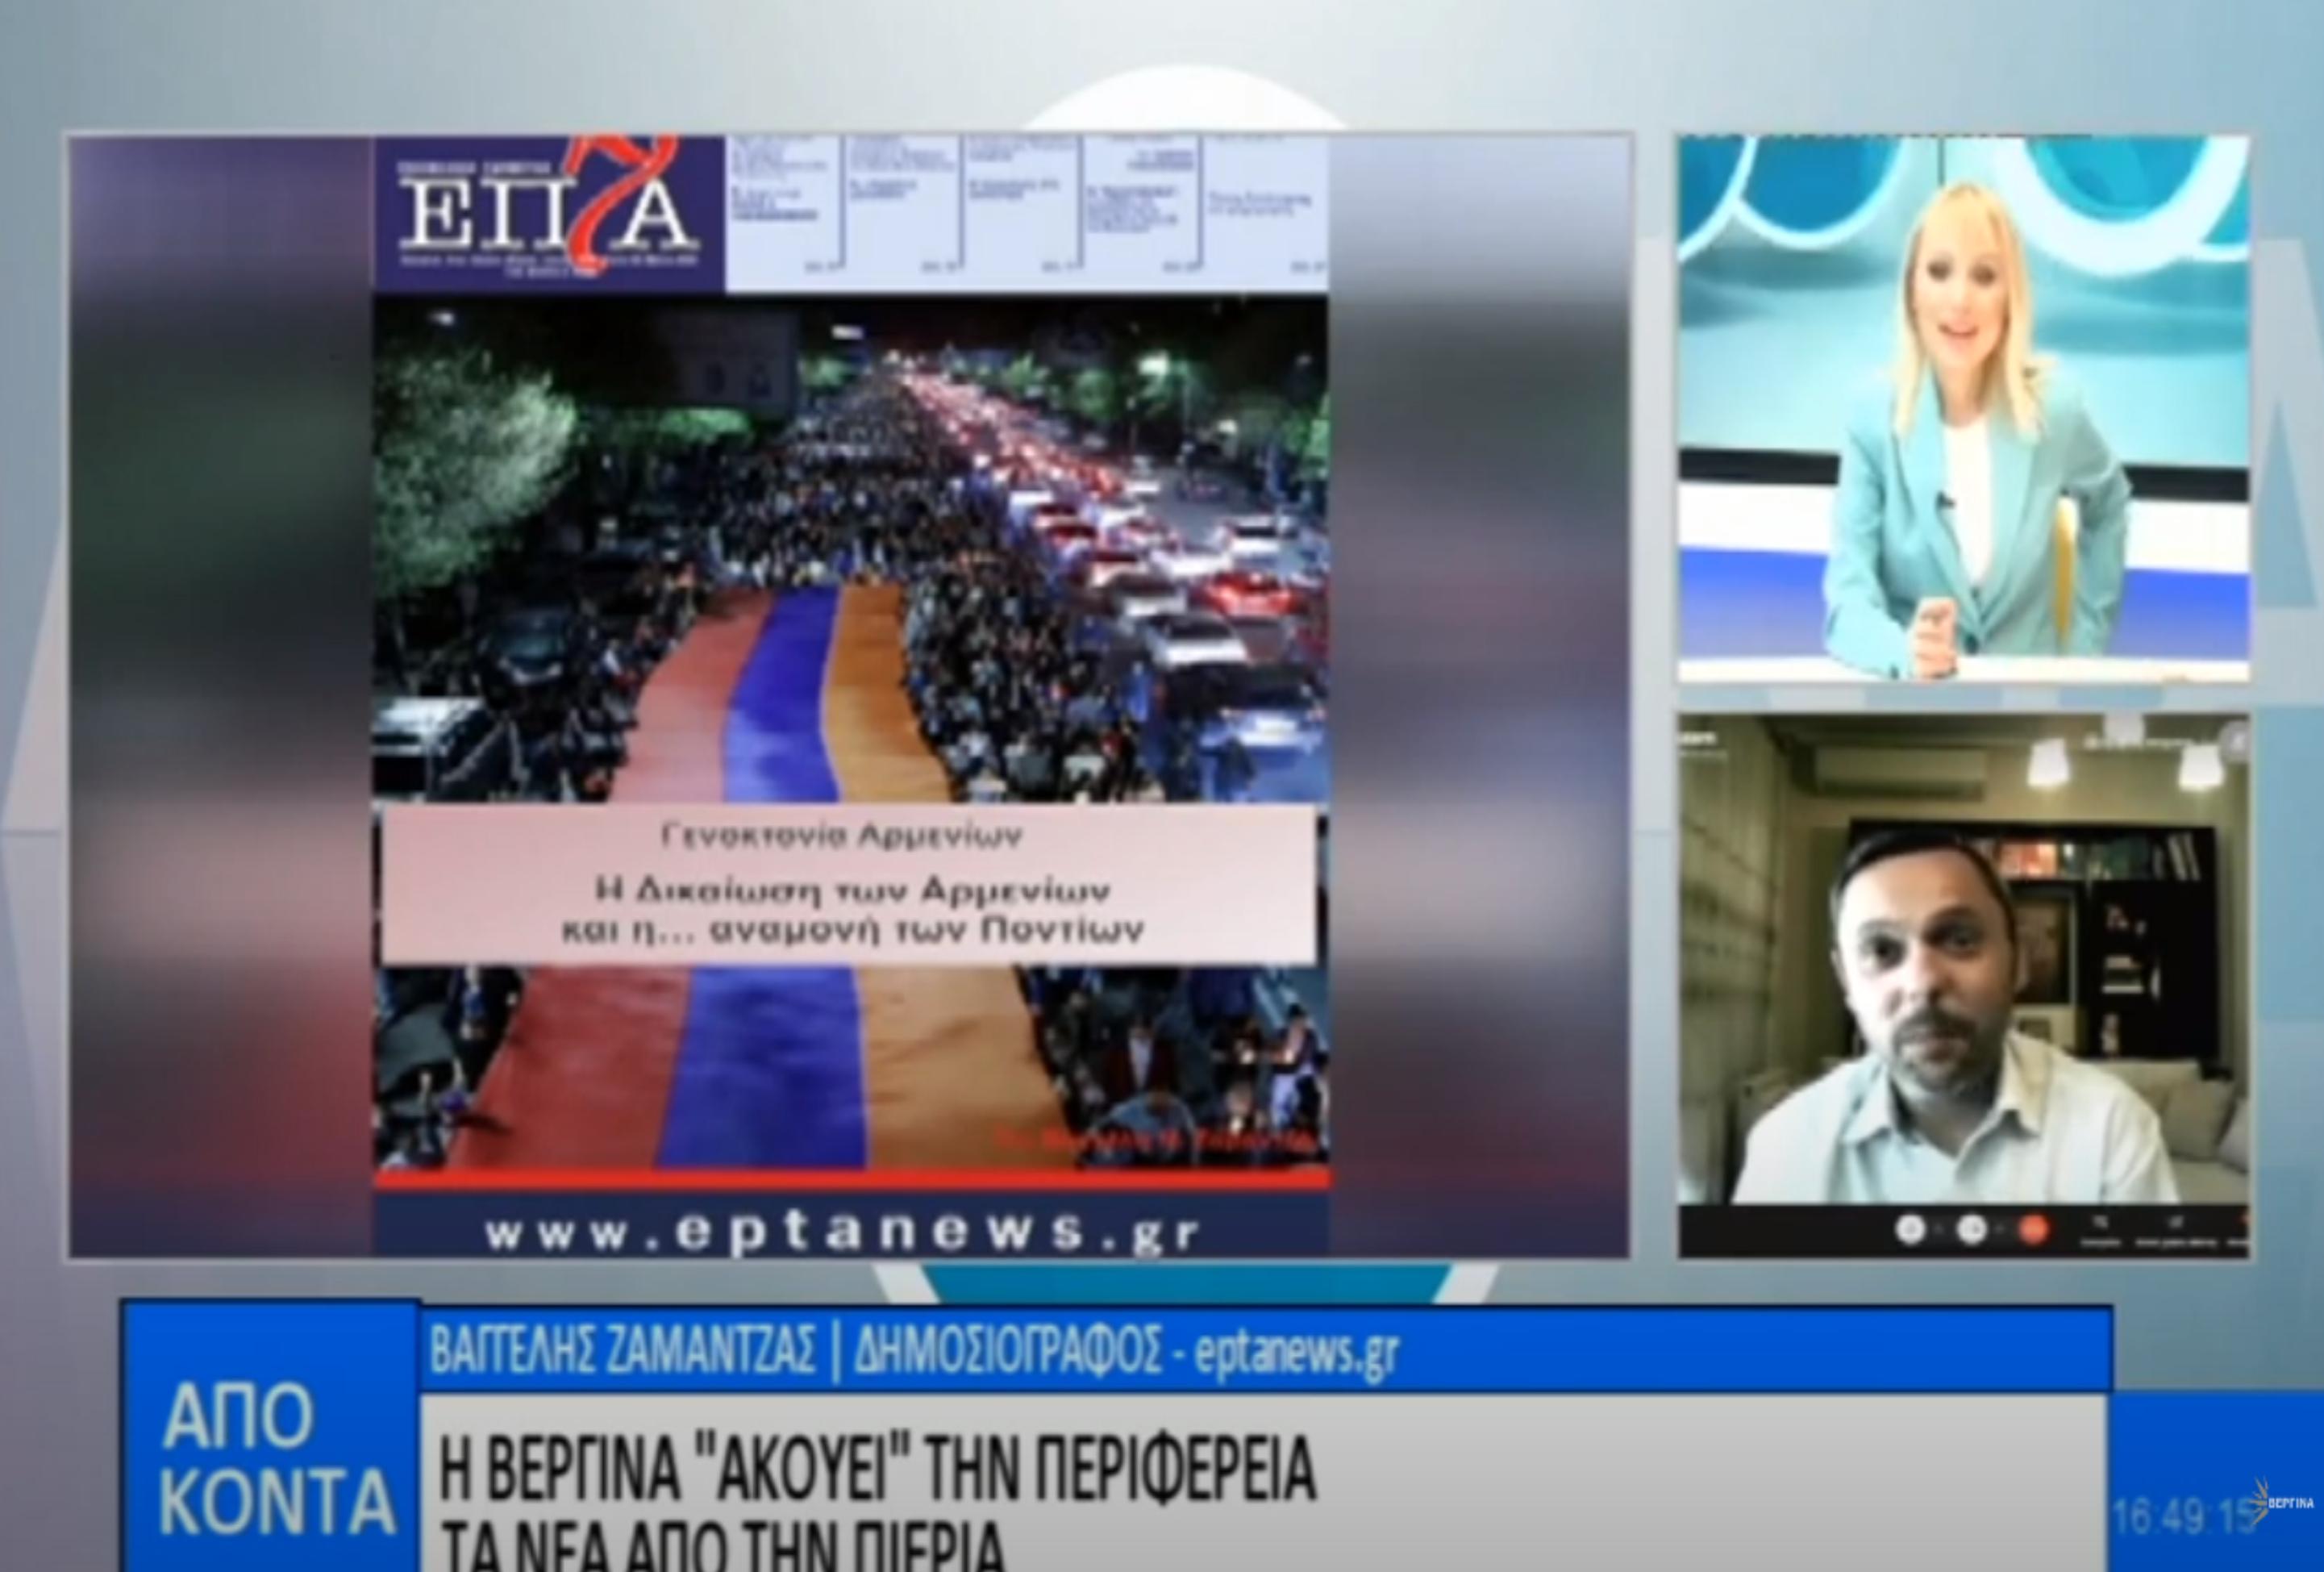 Το Eptanews.gr στη Βεργίνα TV με τα νέα της Πιερίας